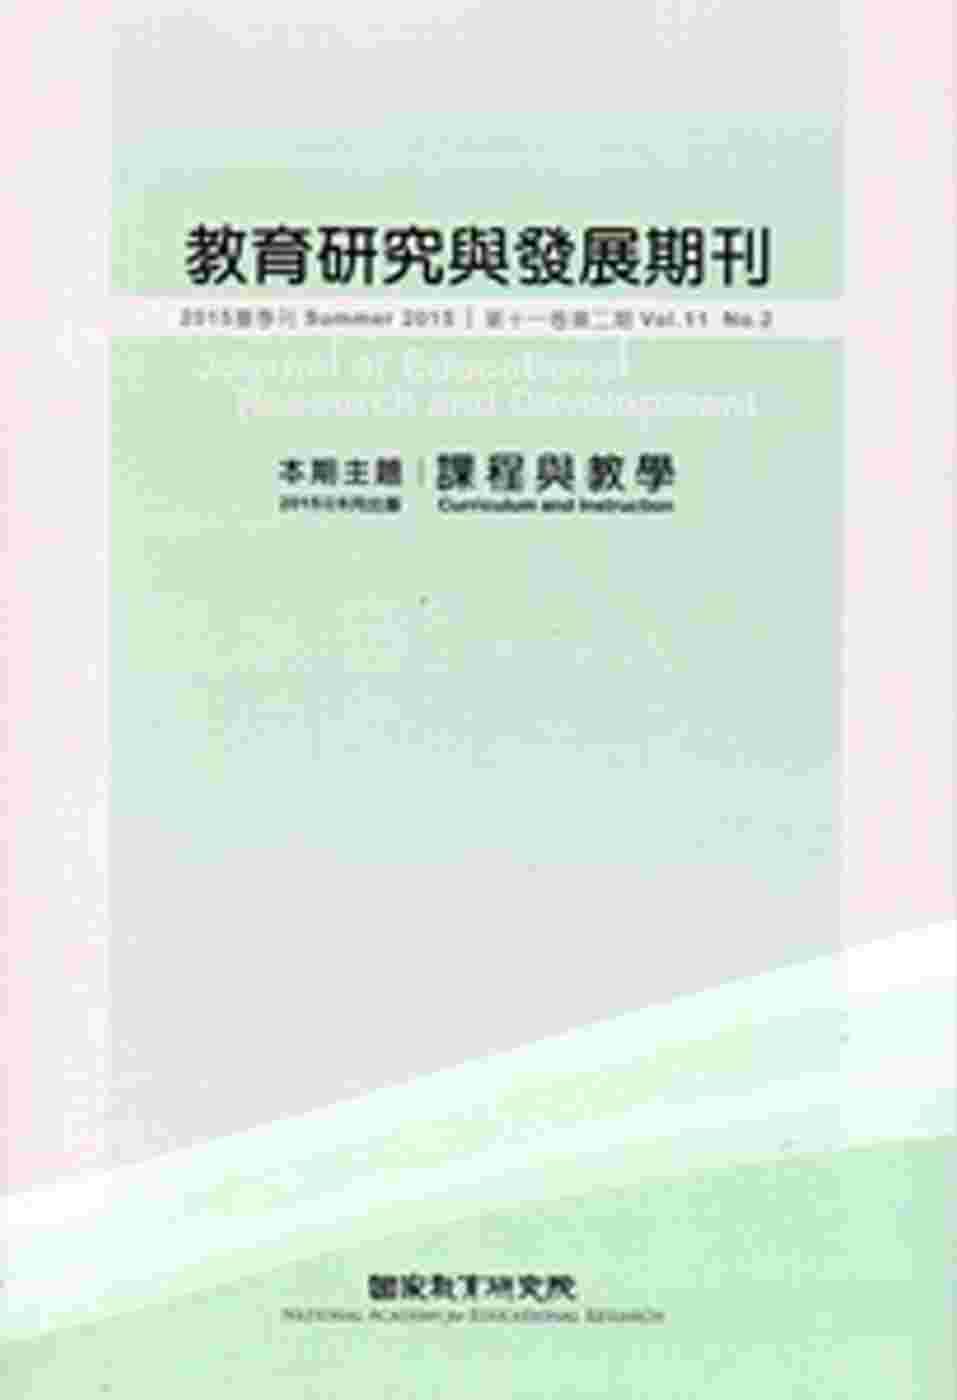 教育研究與發展期刊第11卷2期(104年夏季刊)